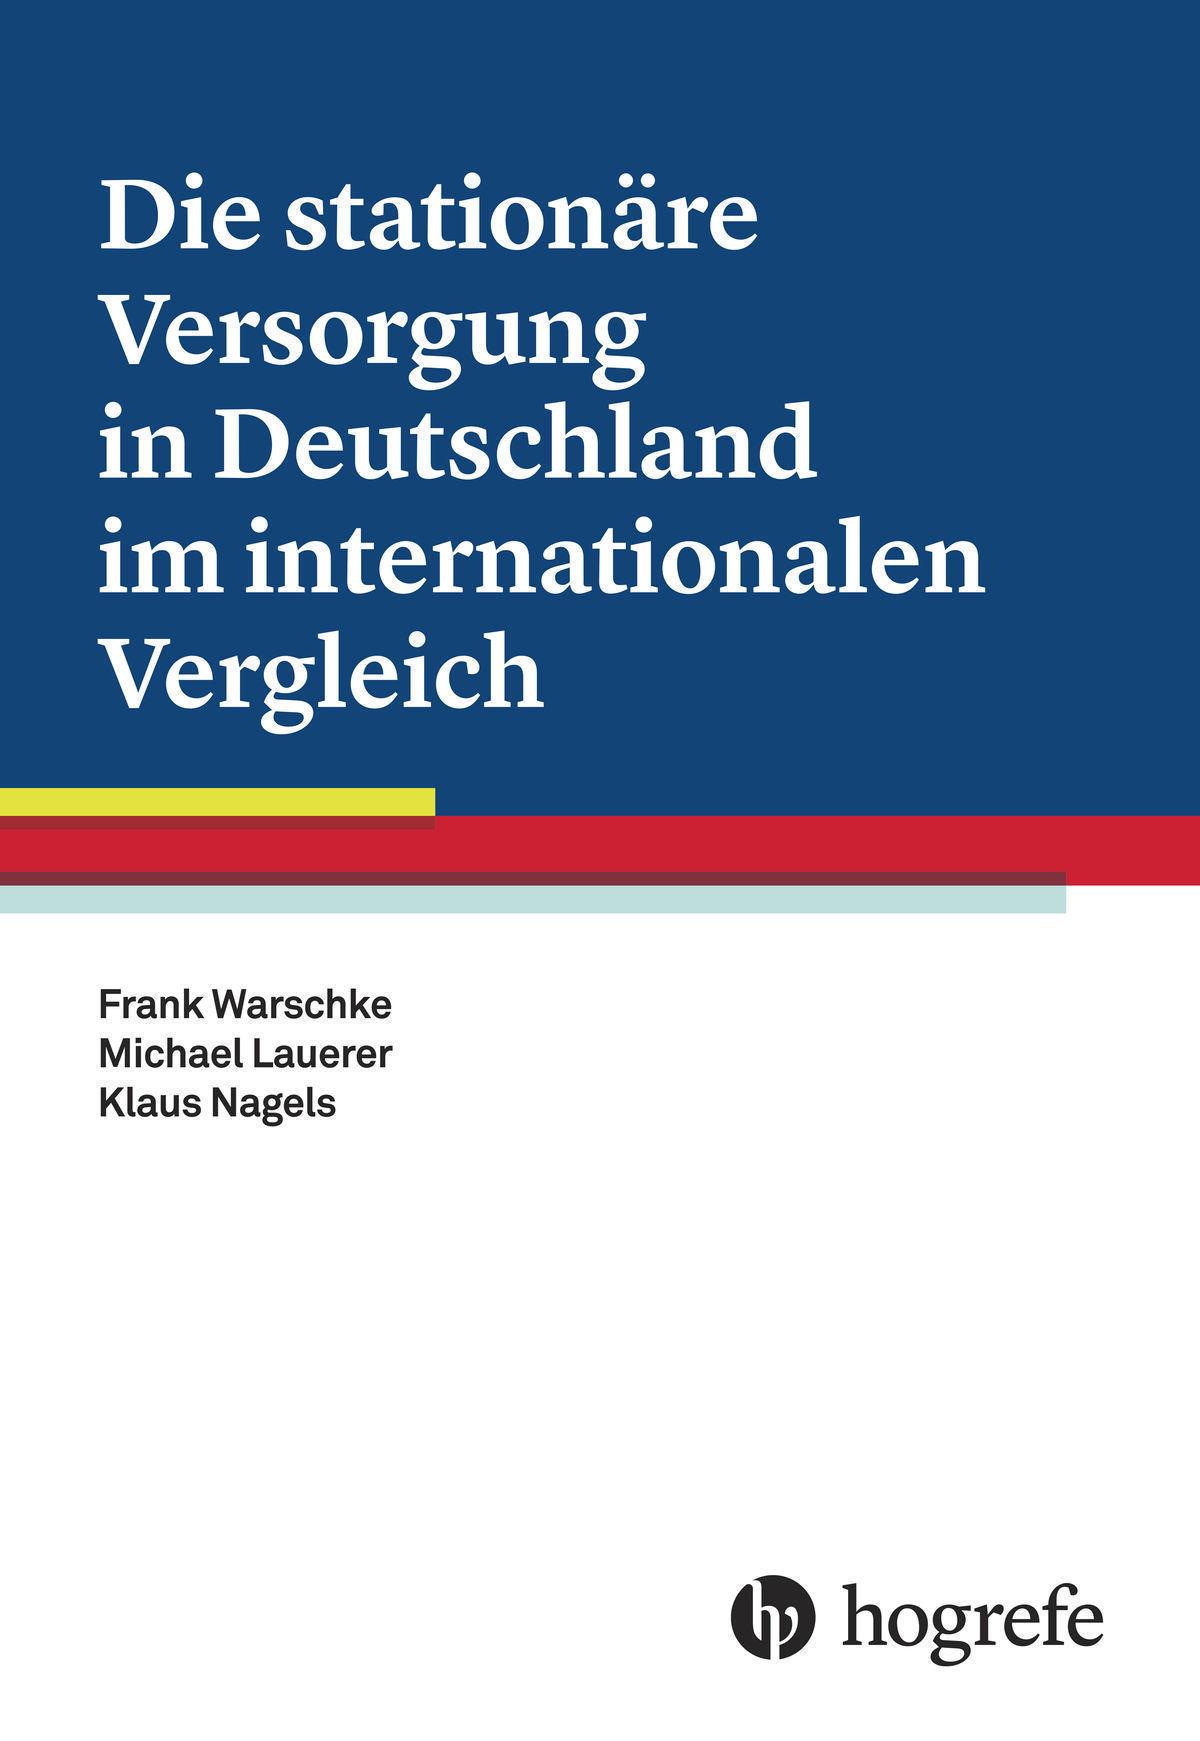 Die stationäre Versorgung in Deutschland im internationalen Vergleich